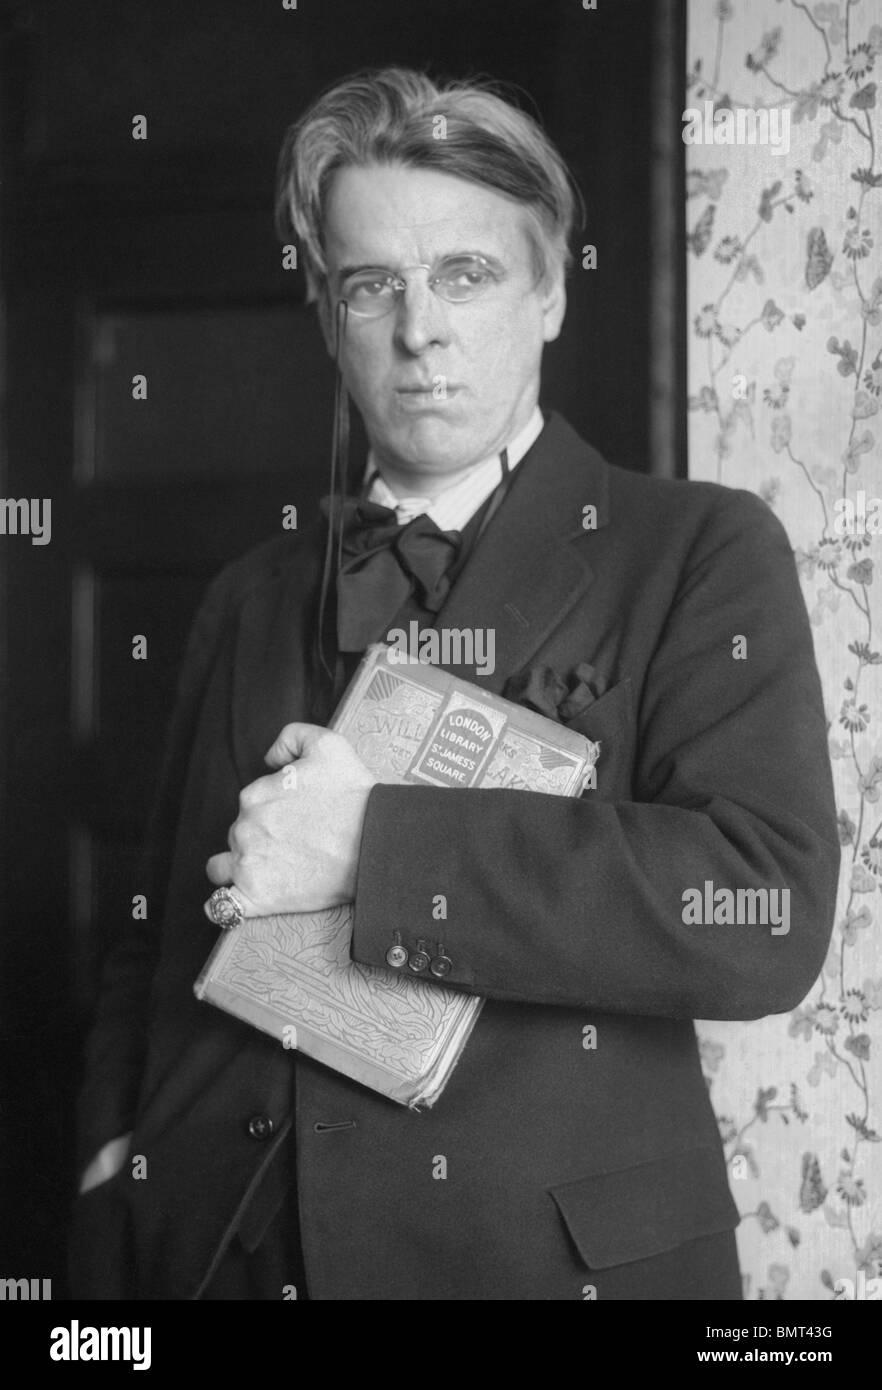 Foto retrato c1920s del poeta irlandés William Butler Yeats (1865 - 1939) - ganador del Premio Nobel de Literatura Imagen De Stock